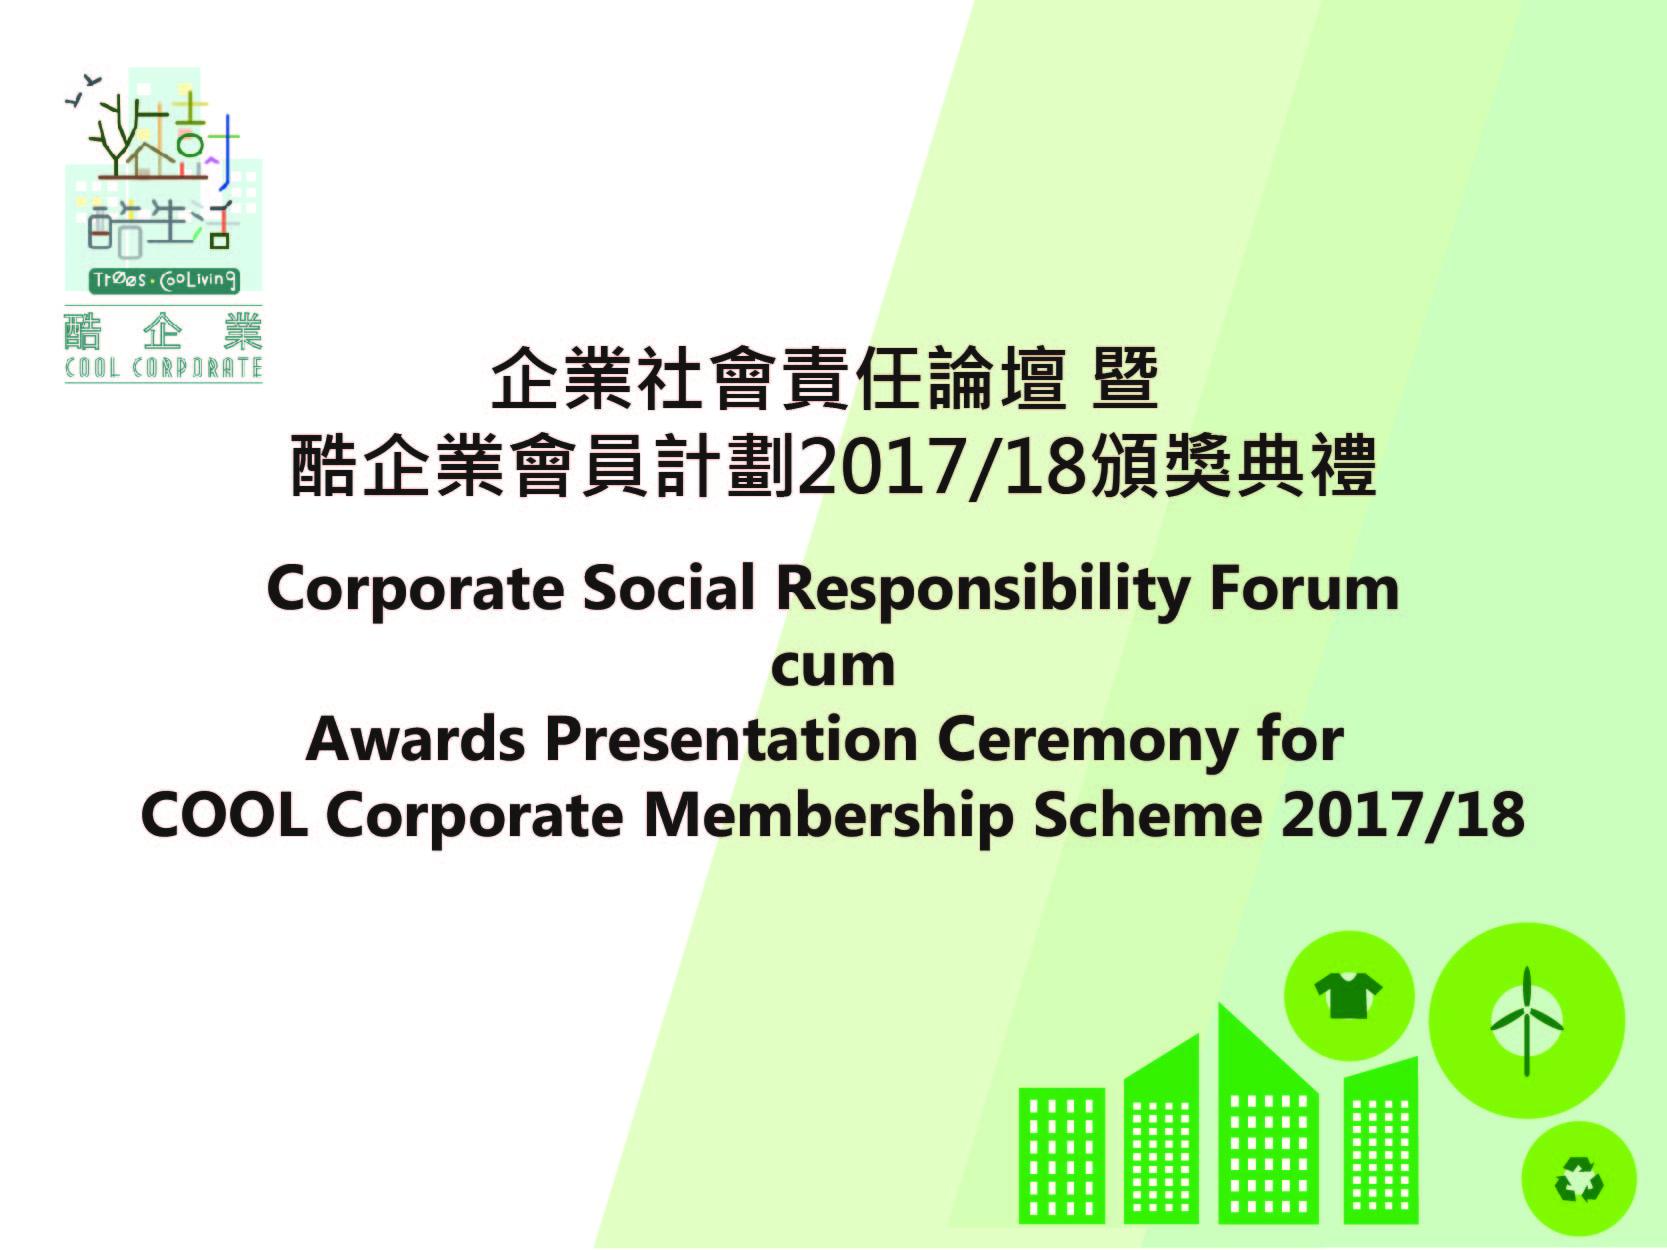 企業社會責任論壇 暨 酷企業會員計劃2017/18頒獎典禮